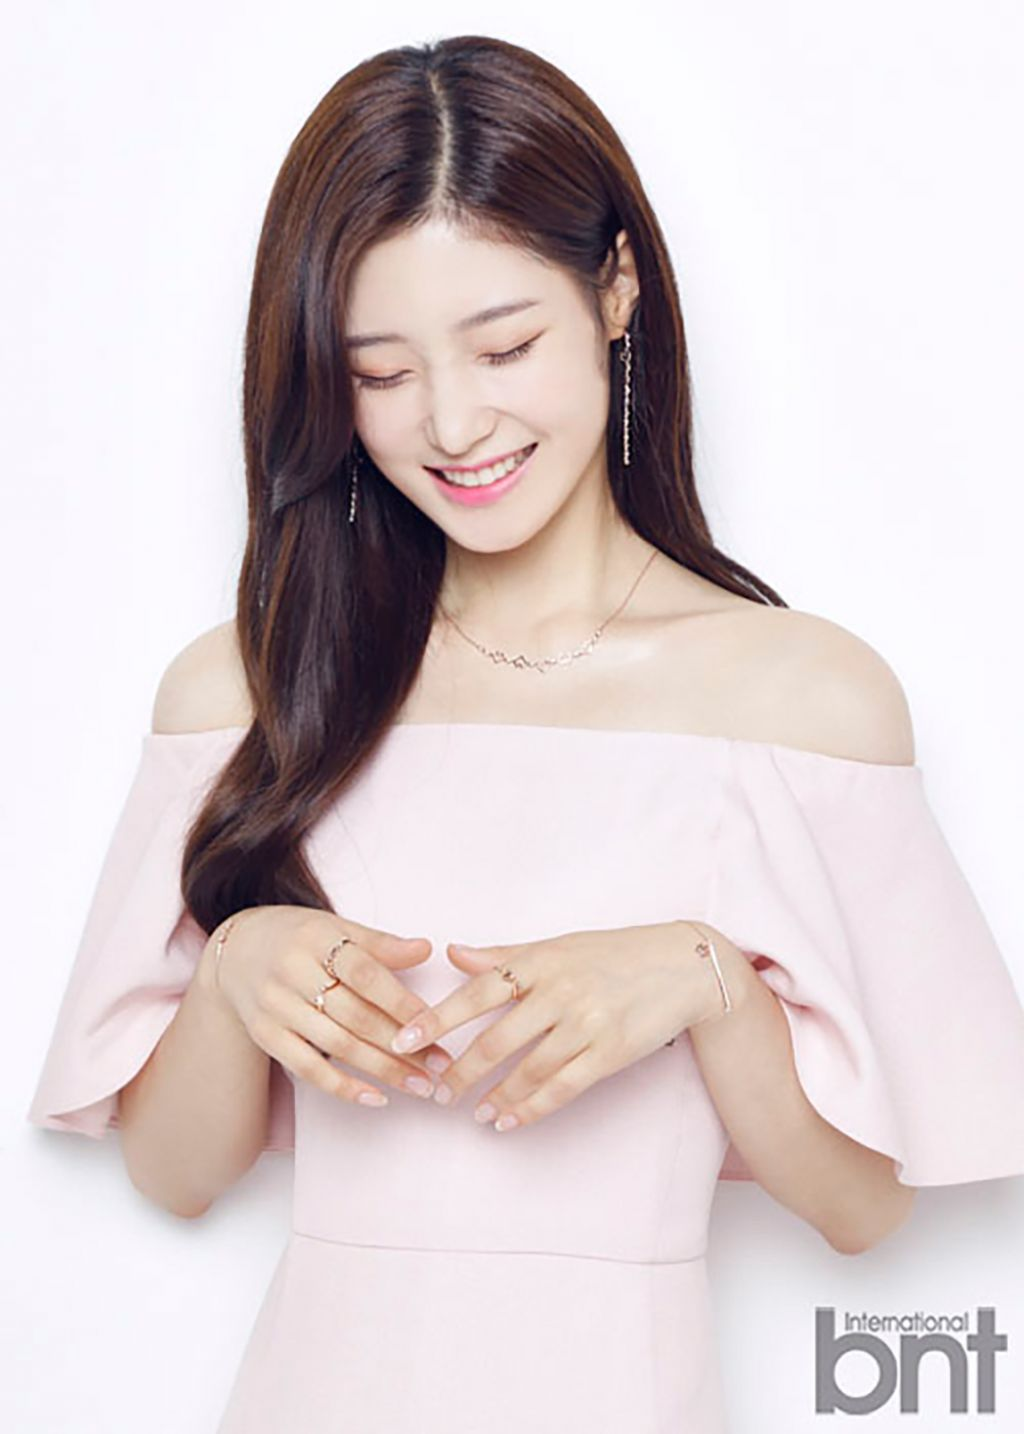 Znalezione obrazy dla zapytania jung chae yeon